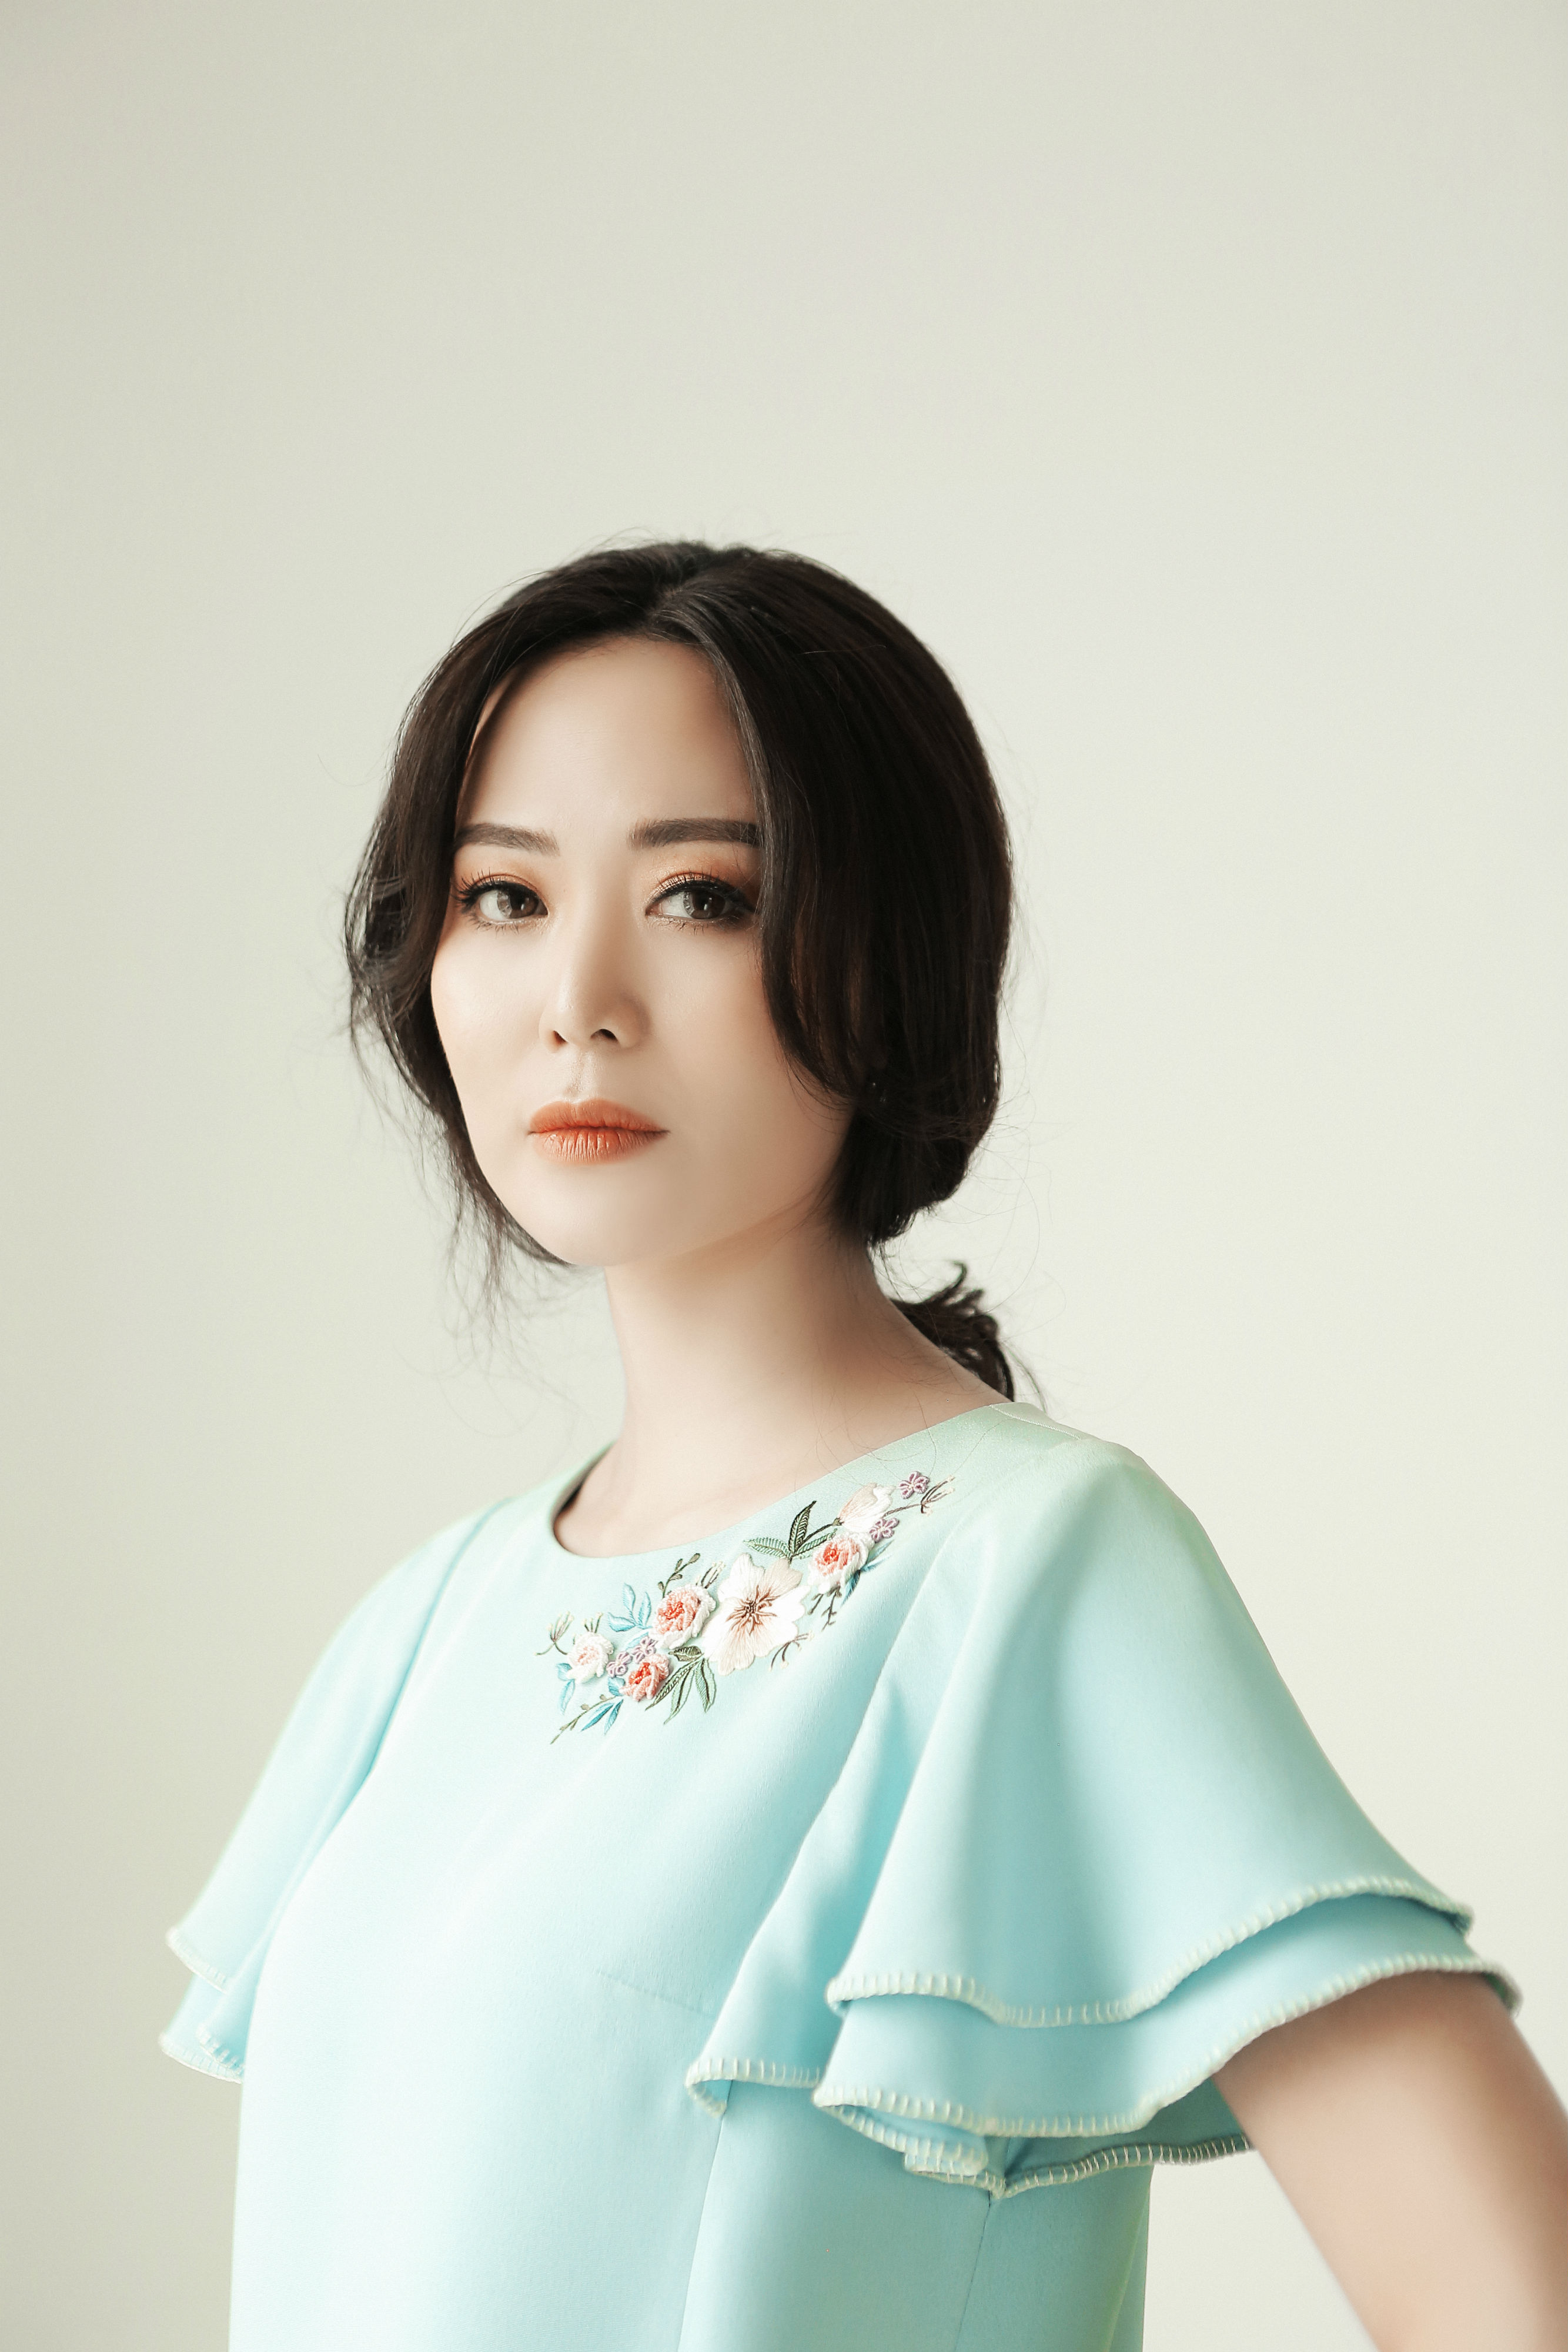 Hoa hậu Thu Thủy tiết lộ bí quyết trẻ đẹp ở tuổi 43 Ảnh 3